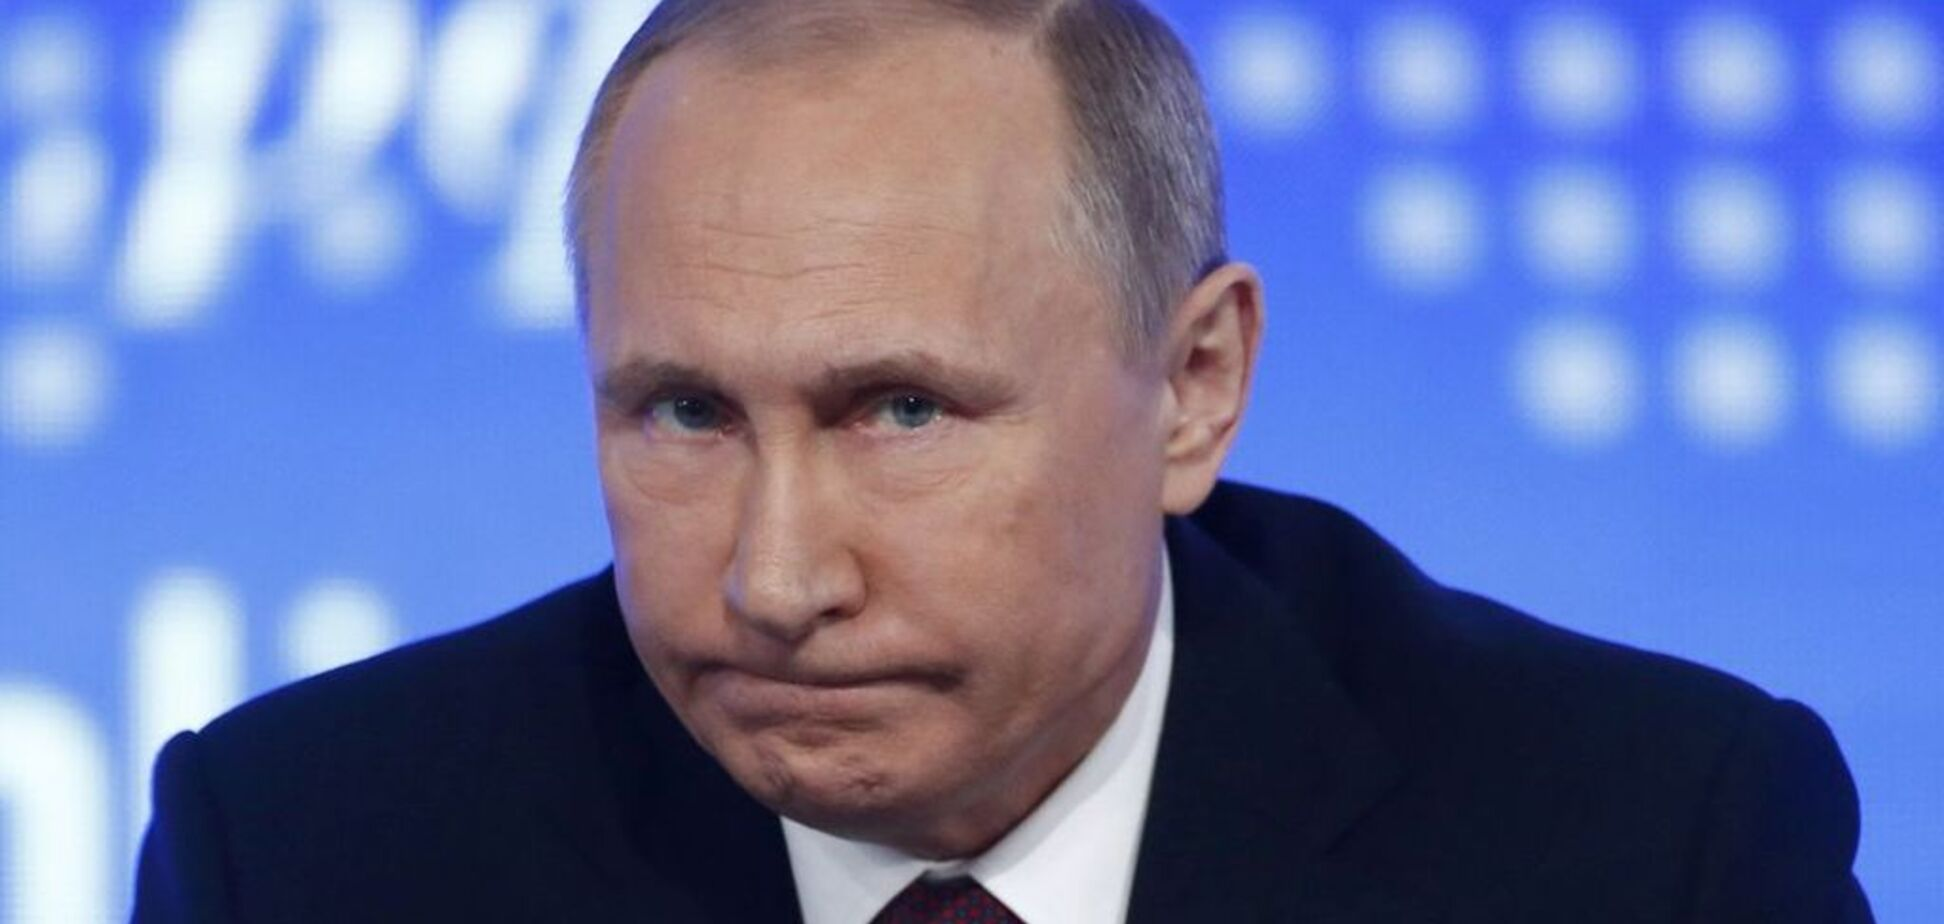 Теракт в России: украинский генерал заявил о начале борьбы с путинским царизмом